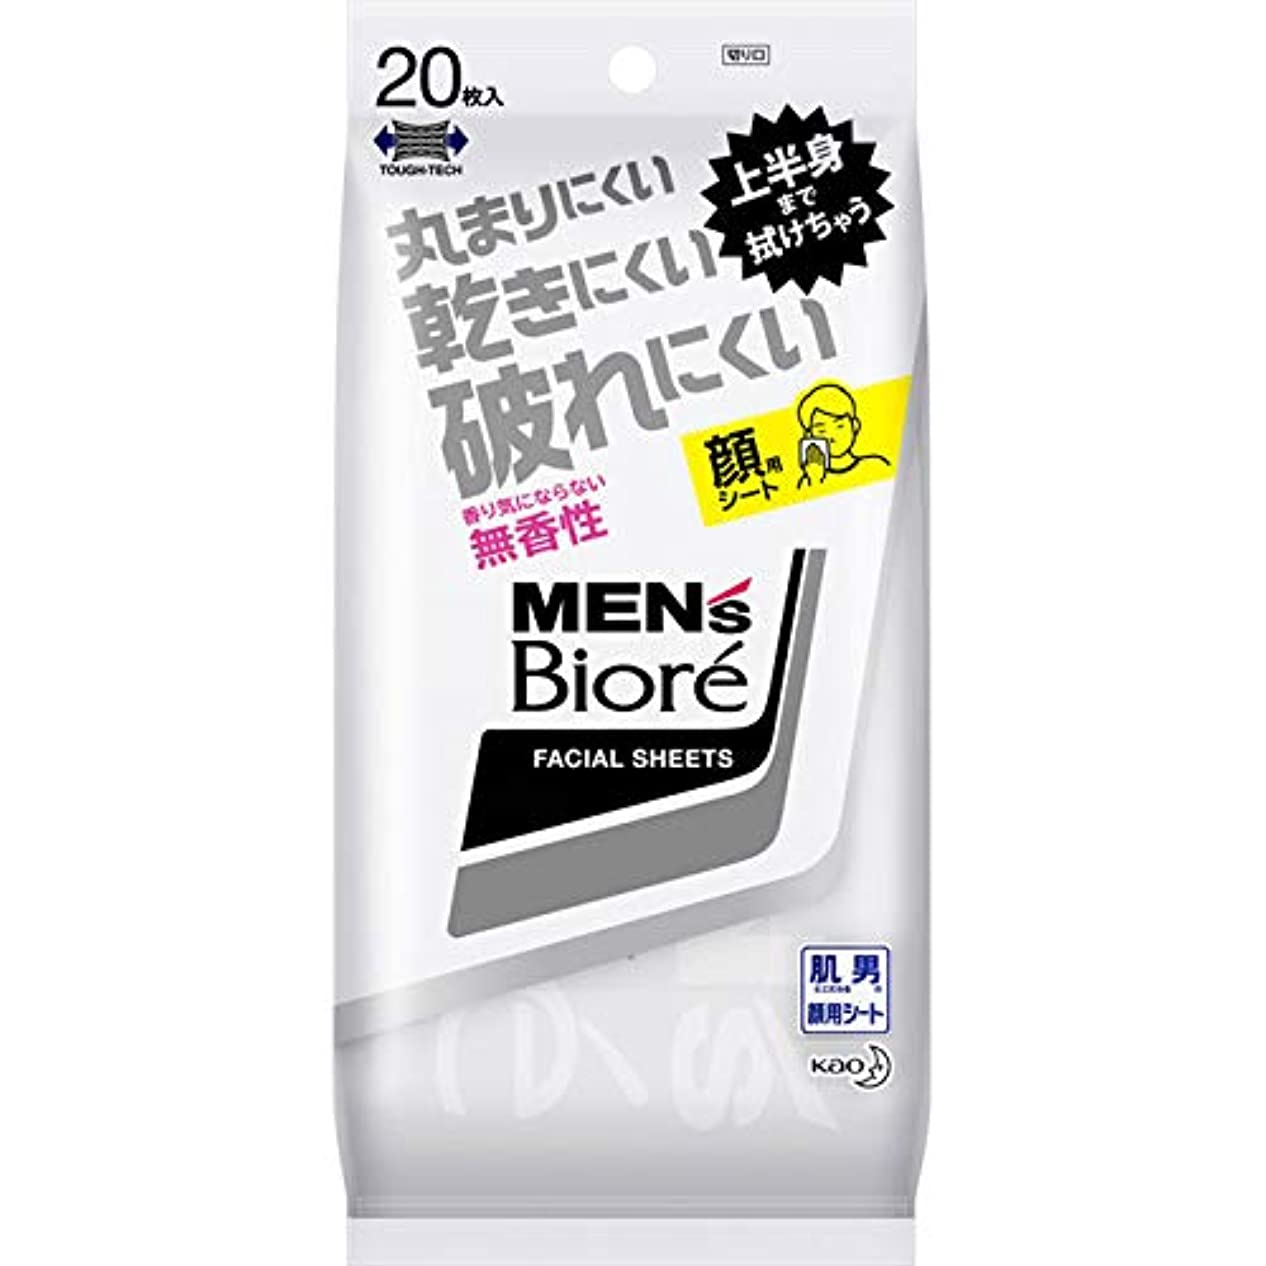 カフェ恐れるシンボル花王 メンズビオレ 洗顔シート 香り気にならない無香性 携帯用 (20枚入) ビオレ フェイスシート